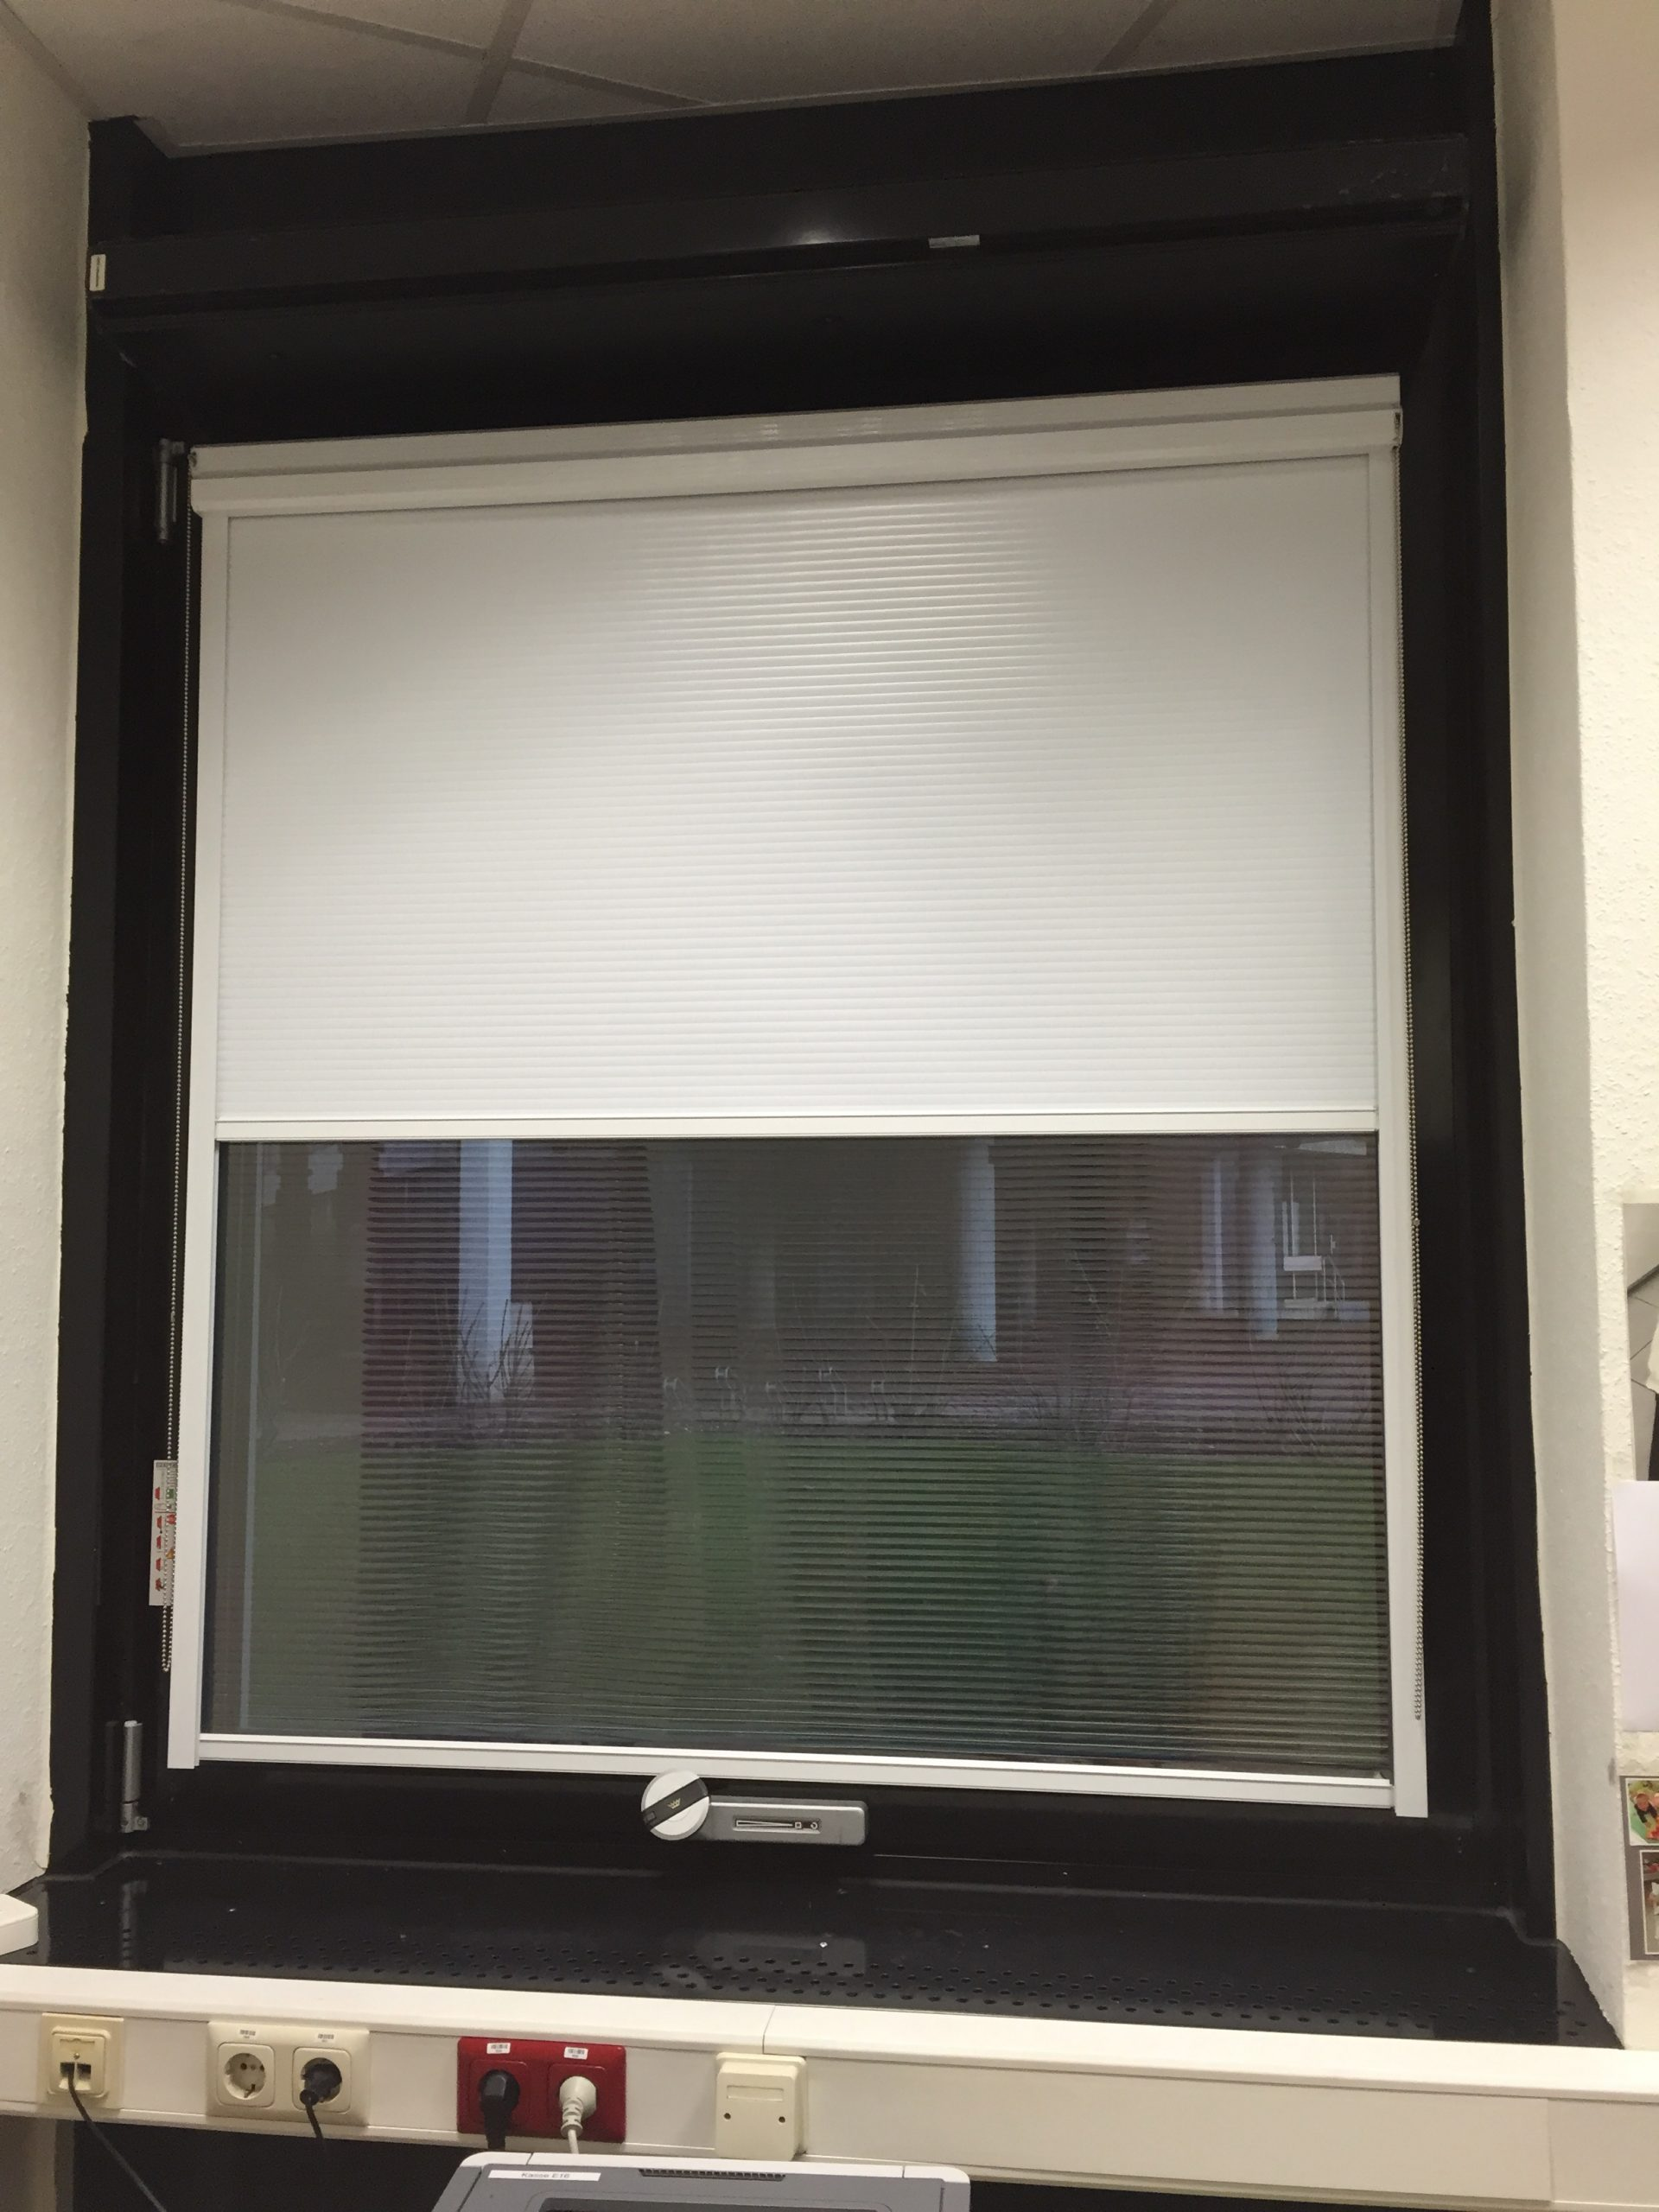 Full Size of Sonnenschutzfolie Fenster Innen Obi Oder Aussen Doppelverglasung Hitzeschutzfolie Selbsthaftend Test Anbringen Baumarkt Entfernen Montage Sonnenschutzsysteme Fenster Sonnenschutzfolie Fenster Innen